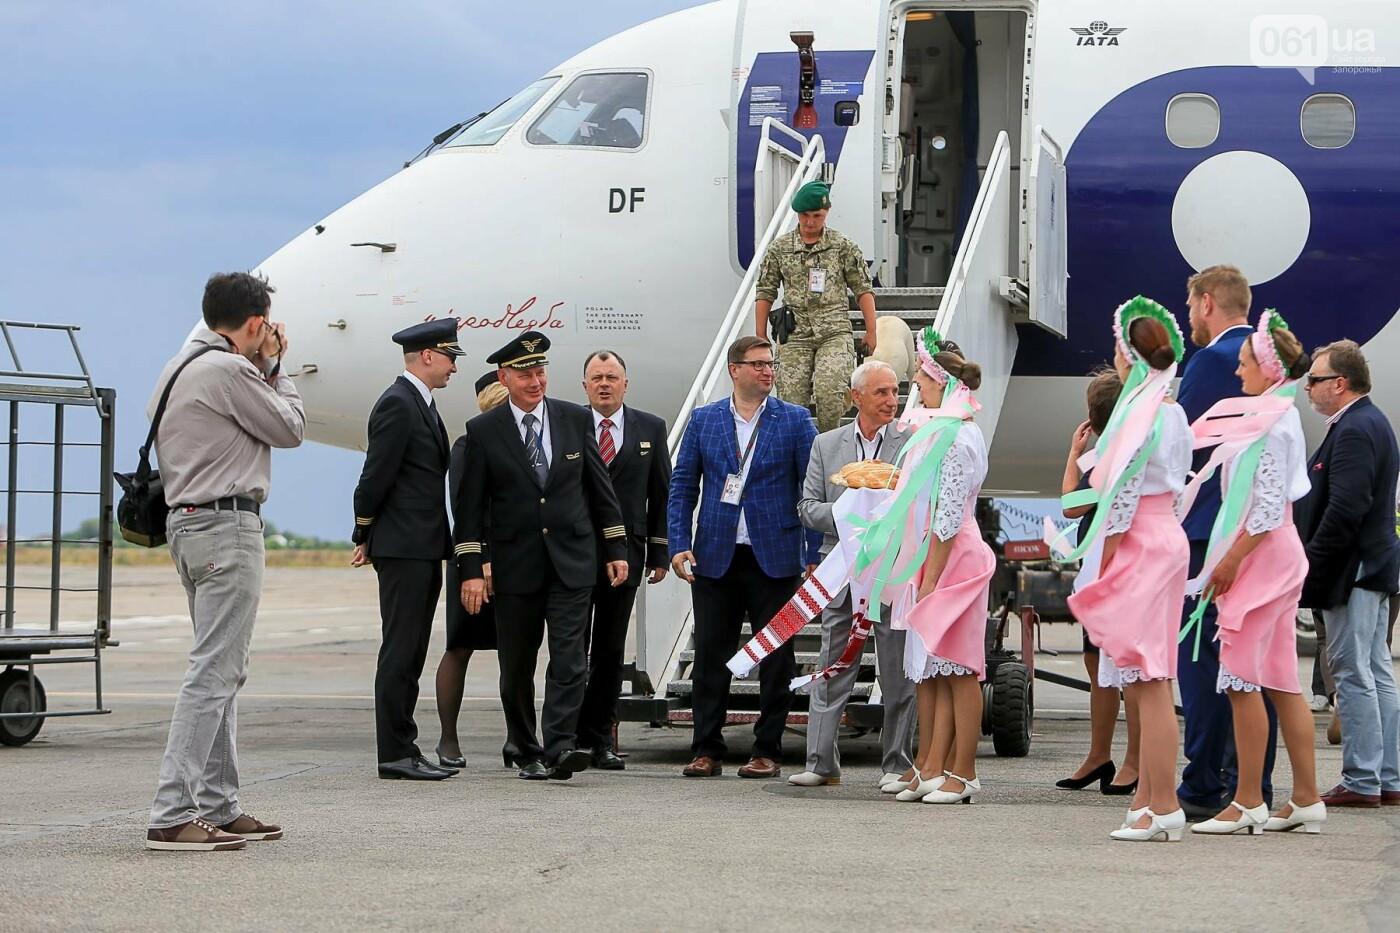 Торт, каравай и дождевая арка: открытие нового авиарейса Варшава-Запорожье в фотографиях, фото-24